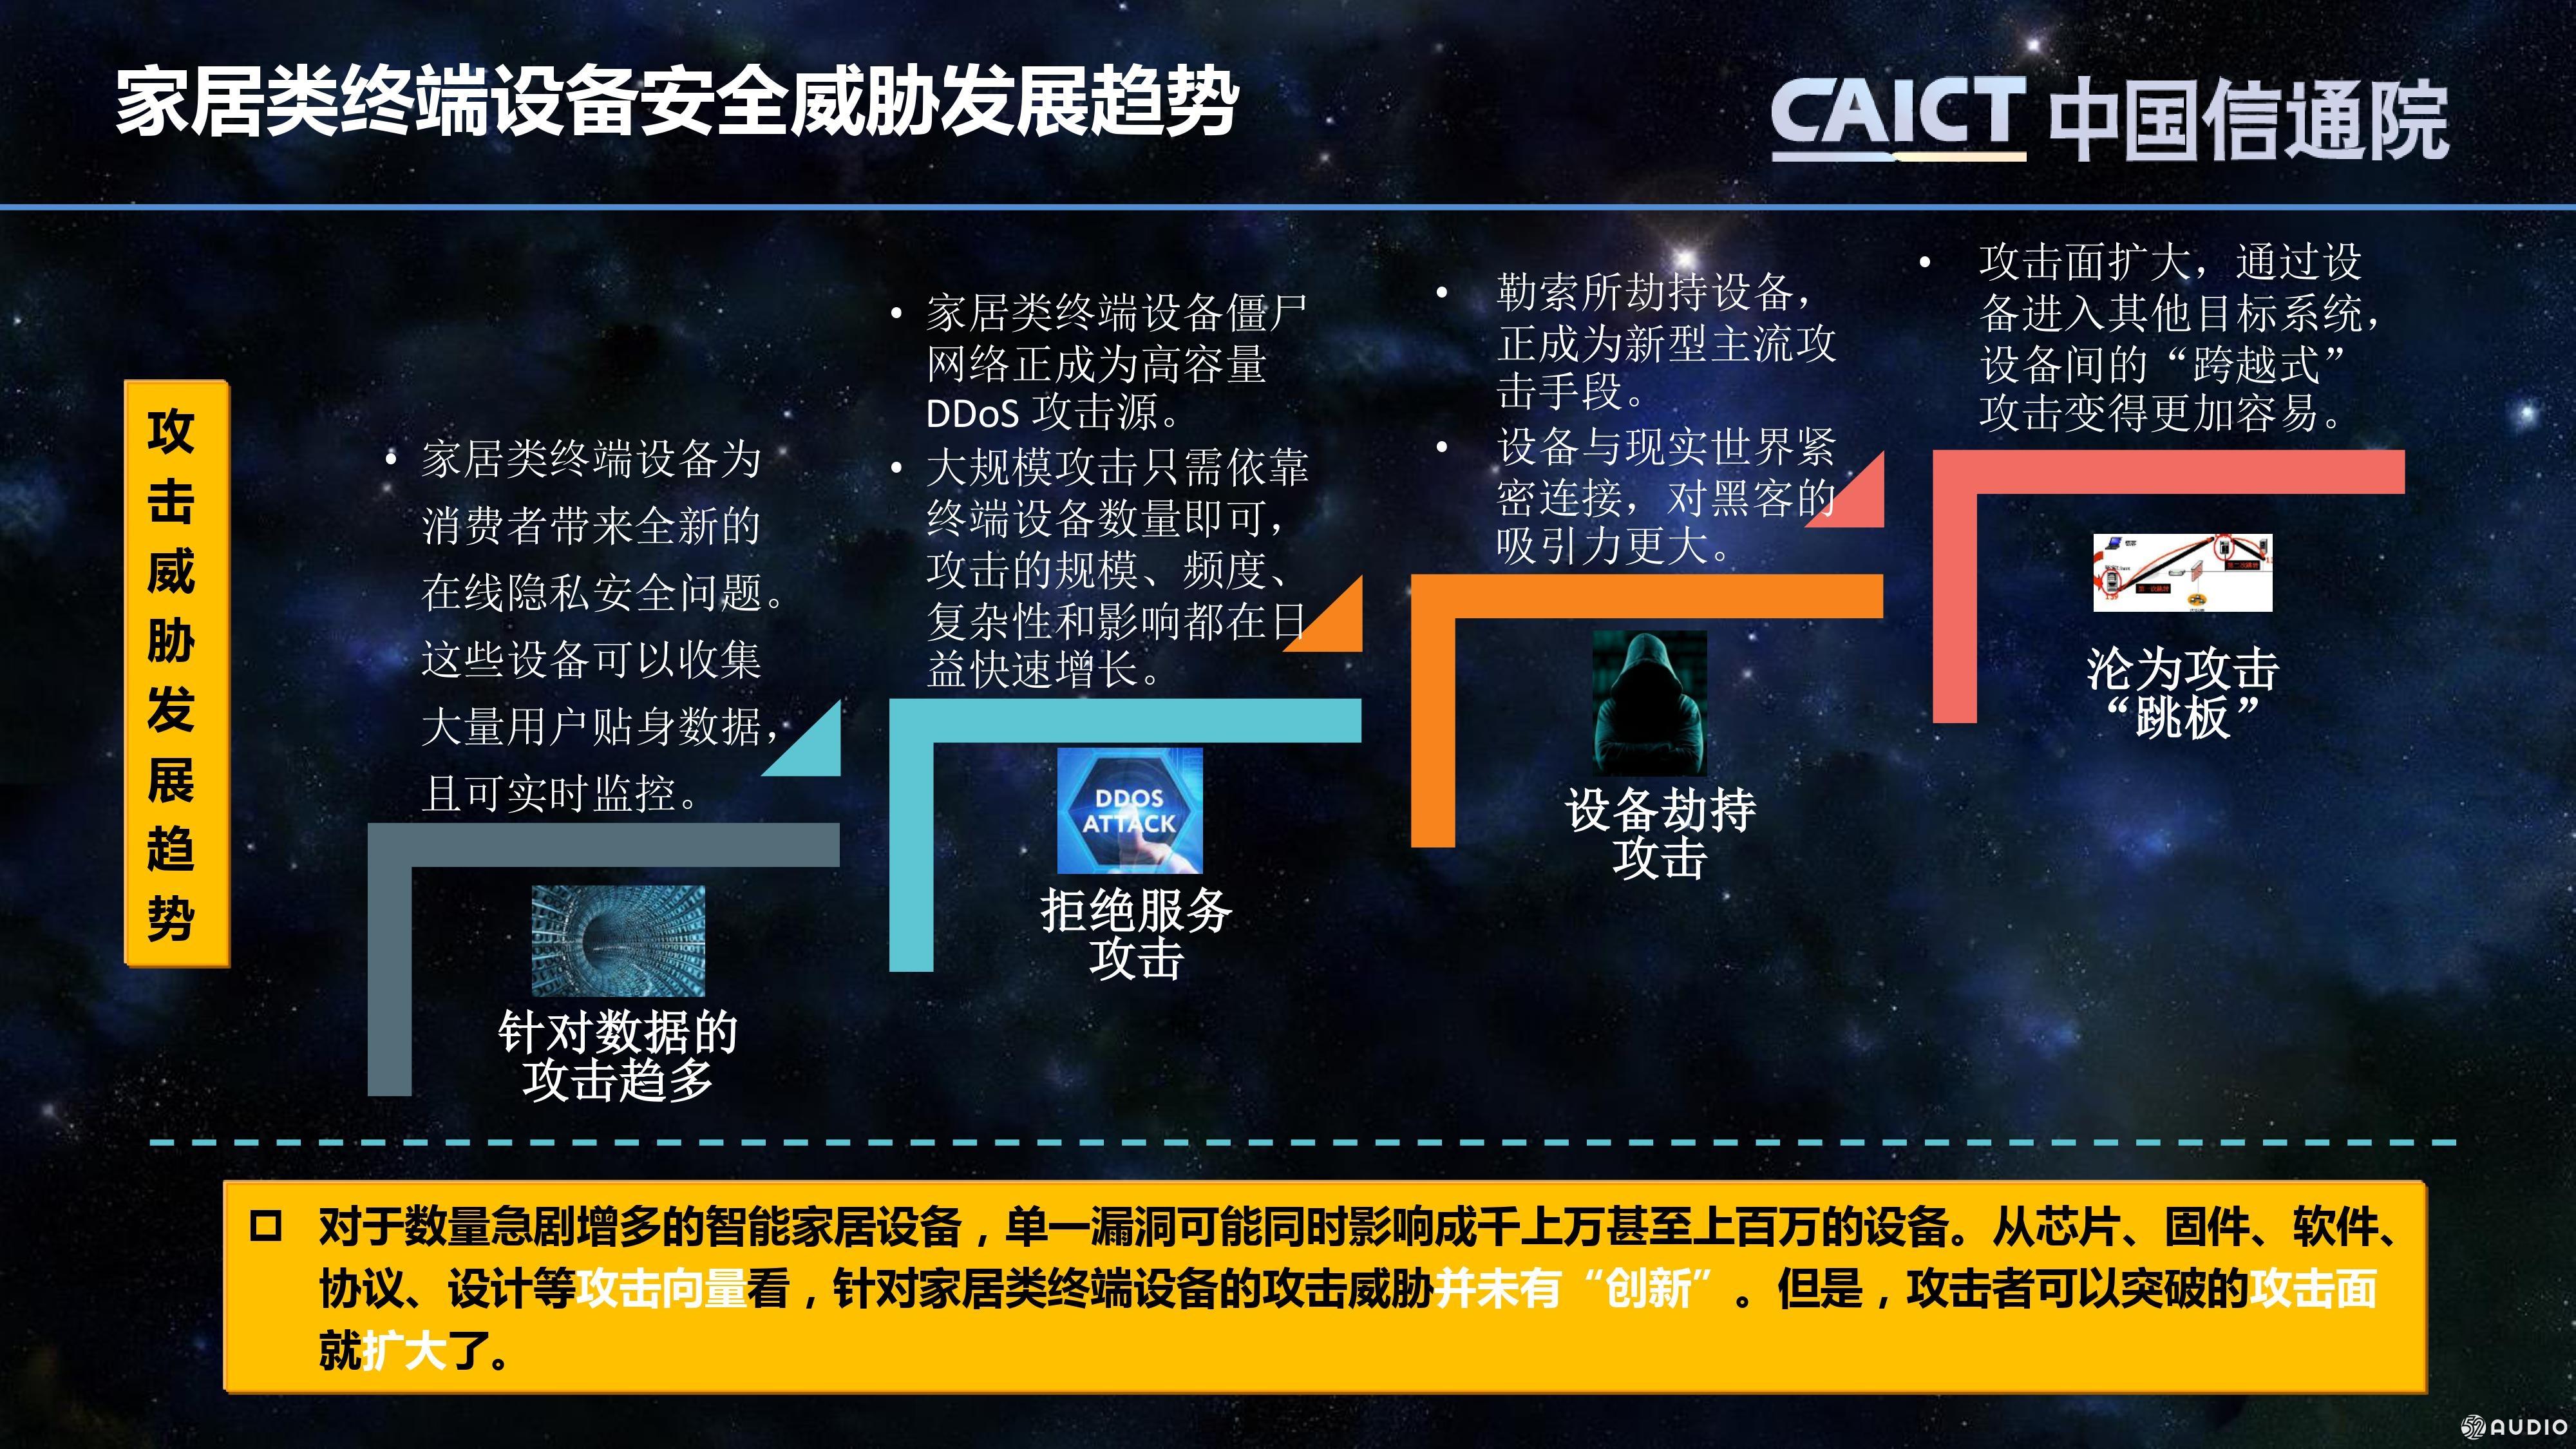 中国信息通信研究院 高级工程师 刘陶博士 《AI智能音箱信息安全风险与评测解读》PPT下载-我爱音频网